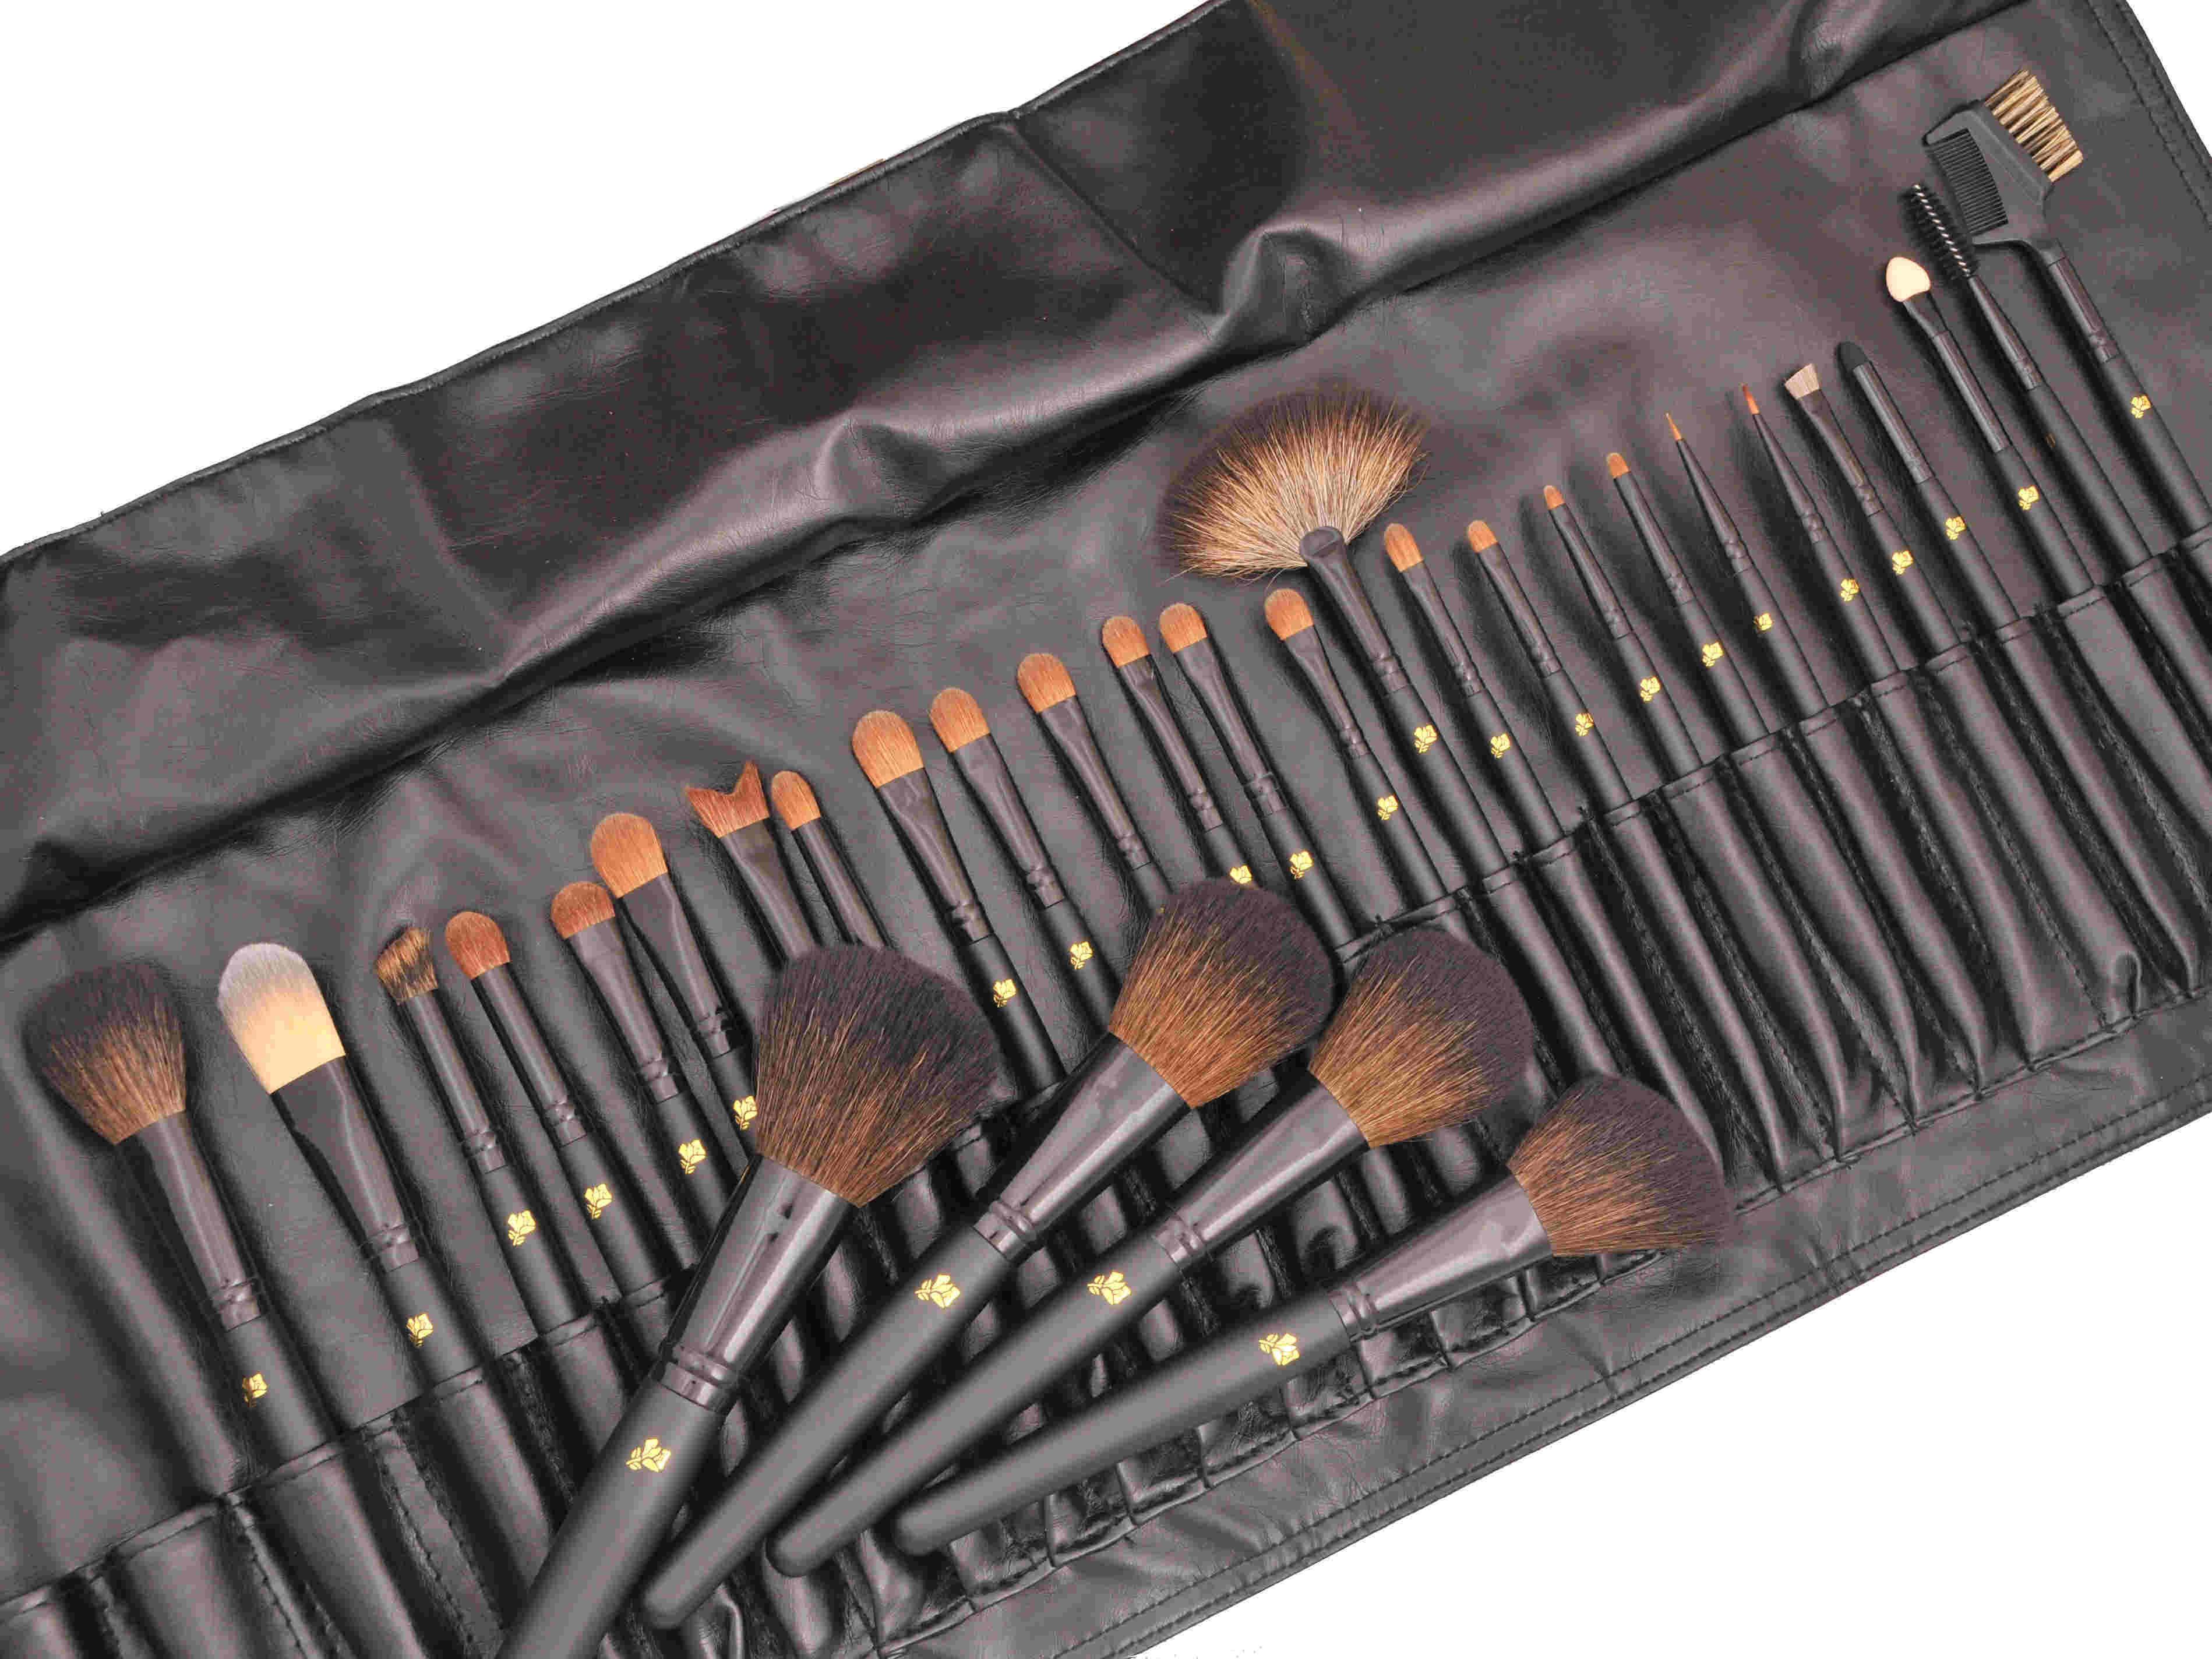 Cosmetics Make up Brush Set Powder Brush Eye Makeup Brush